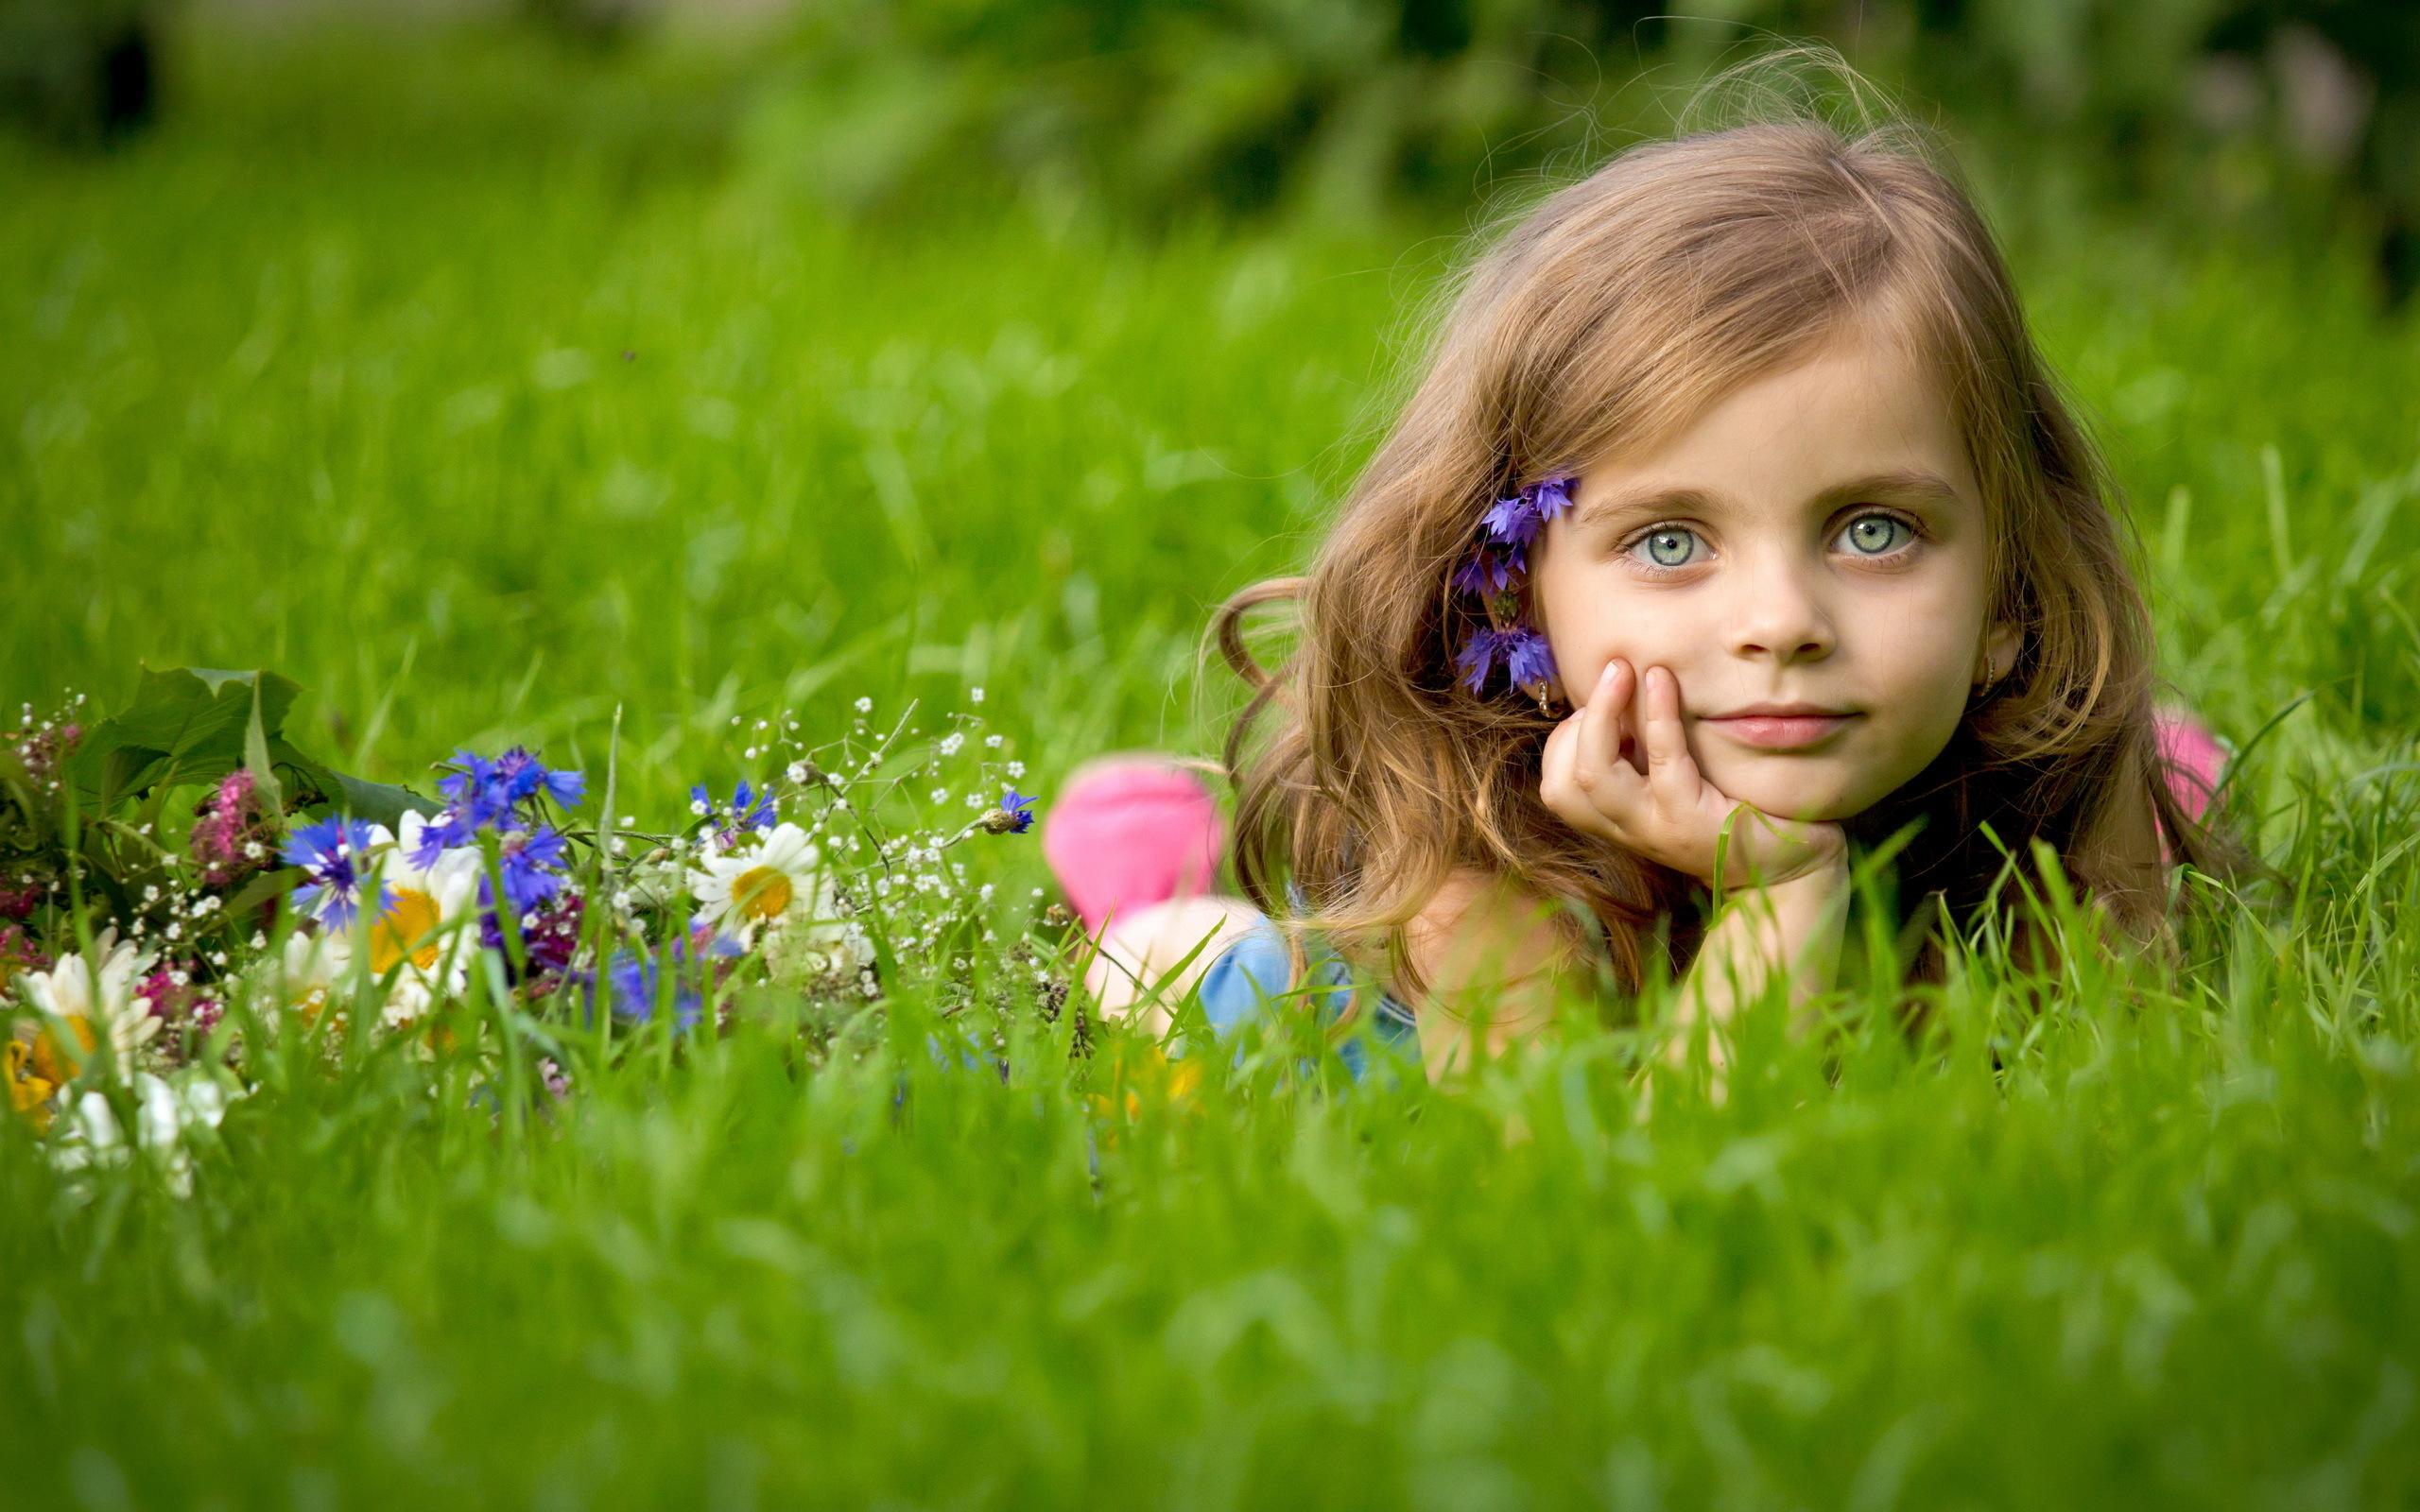 Как сделать красивые фото на природе с ребенком